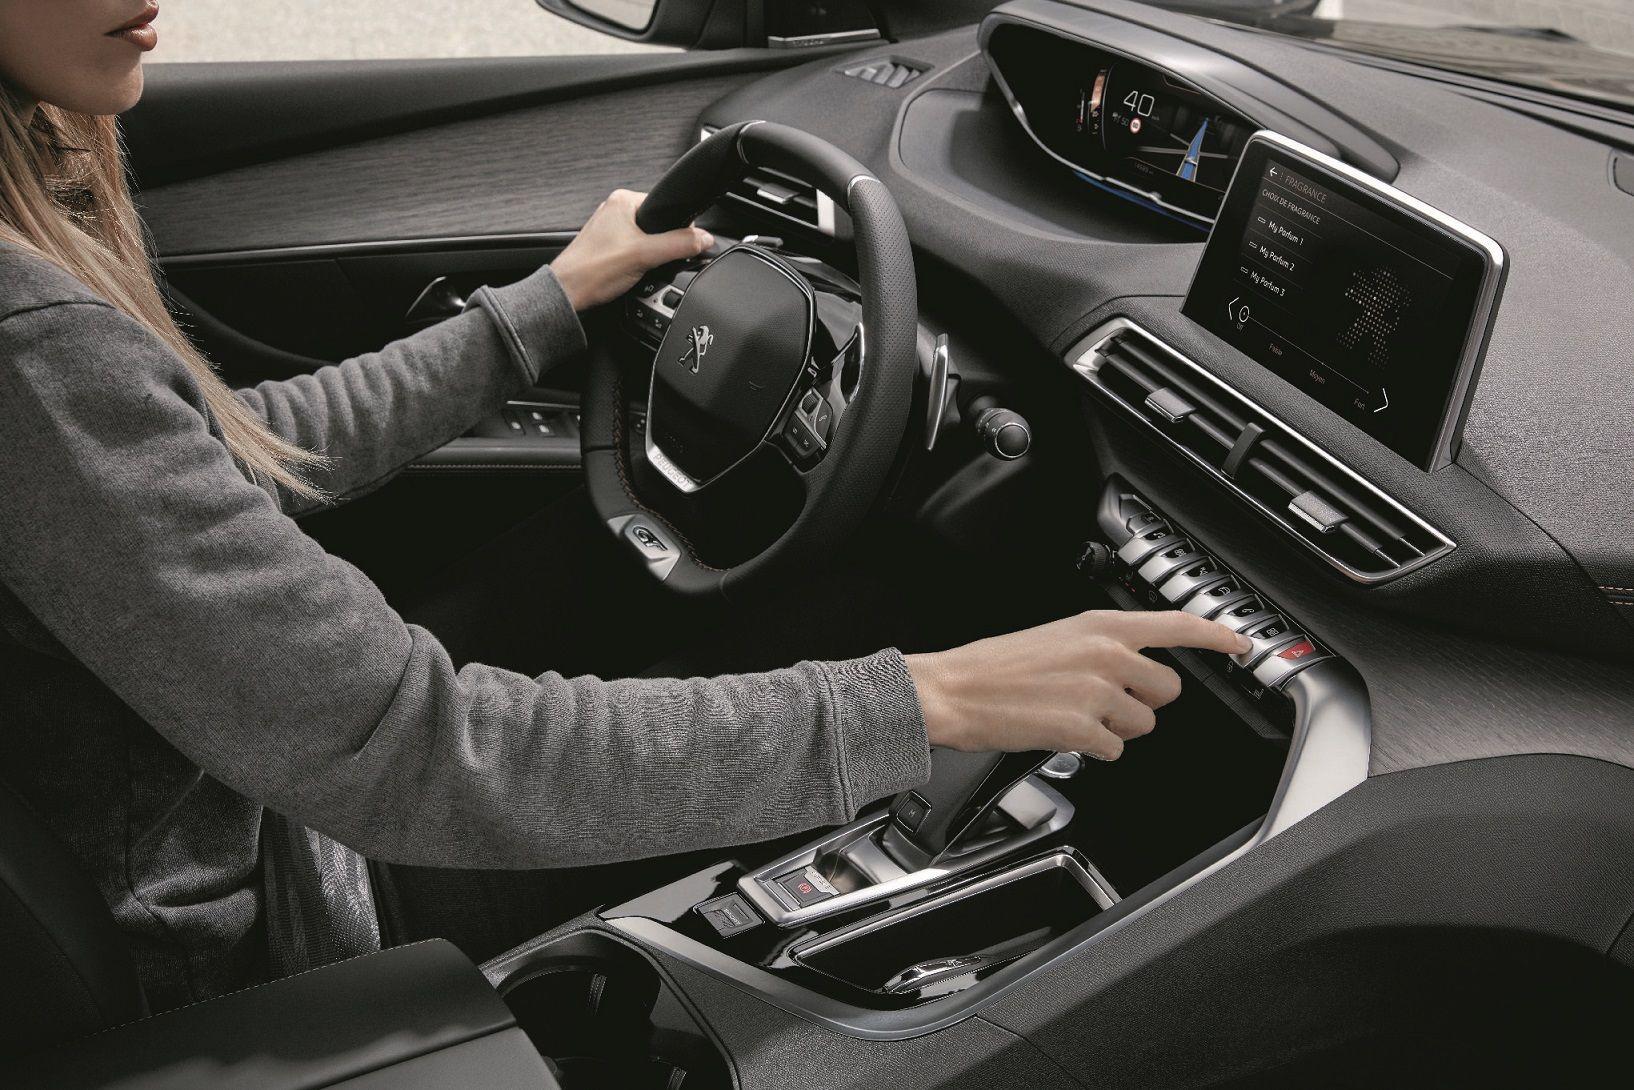 elegir tu coche bas ndote en el olor con el nuevo peugeot 3008 rh clasicosalvolante es Peugeot 3008 2018 Peugeot 2016 3008